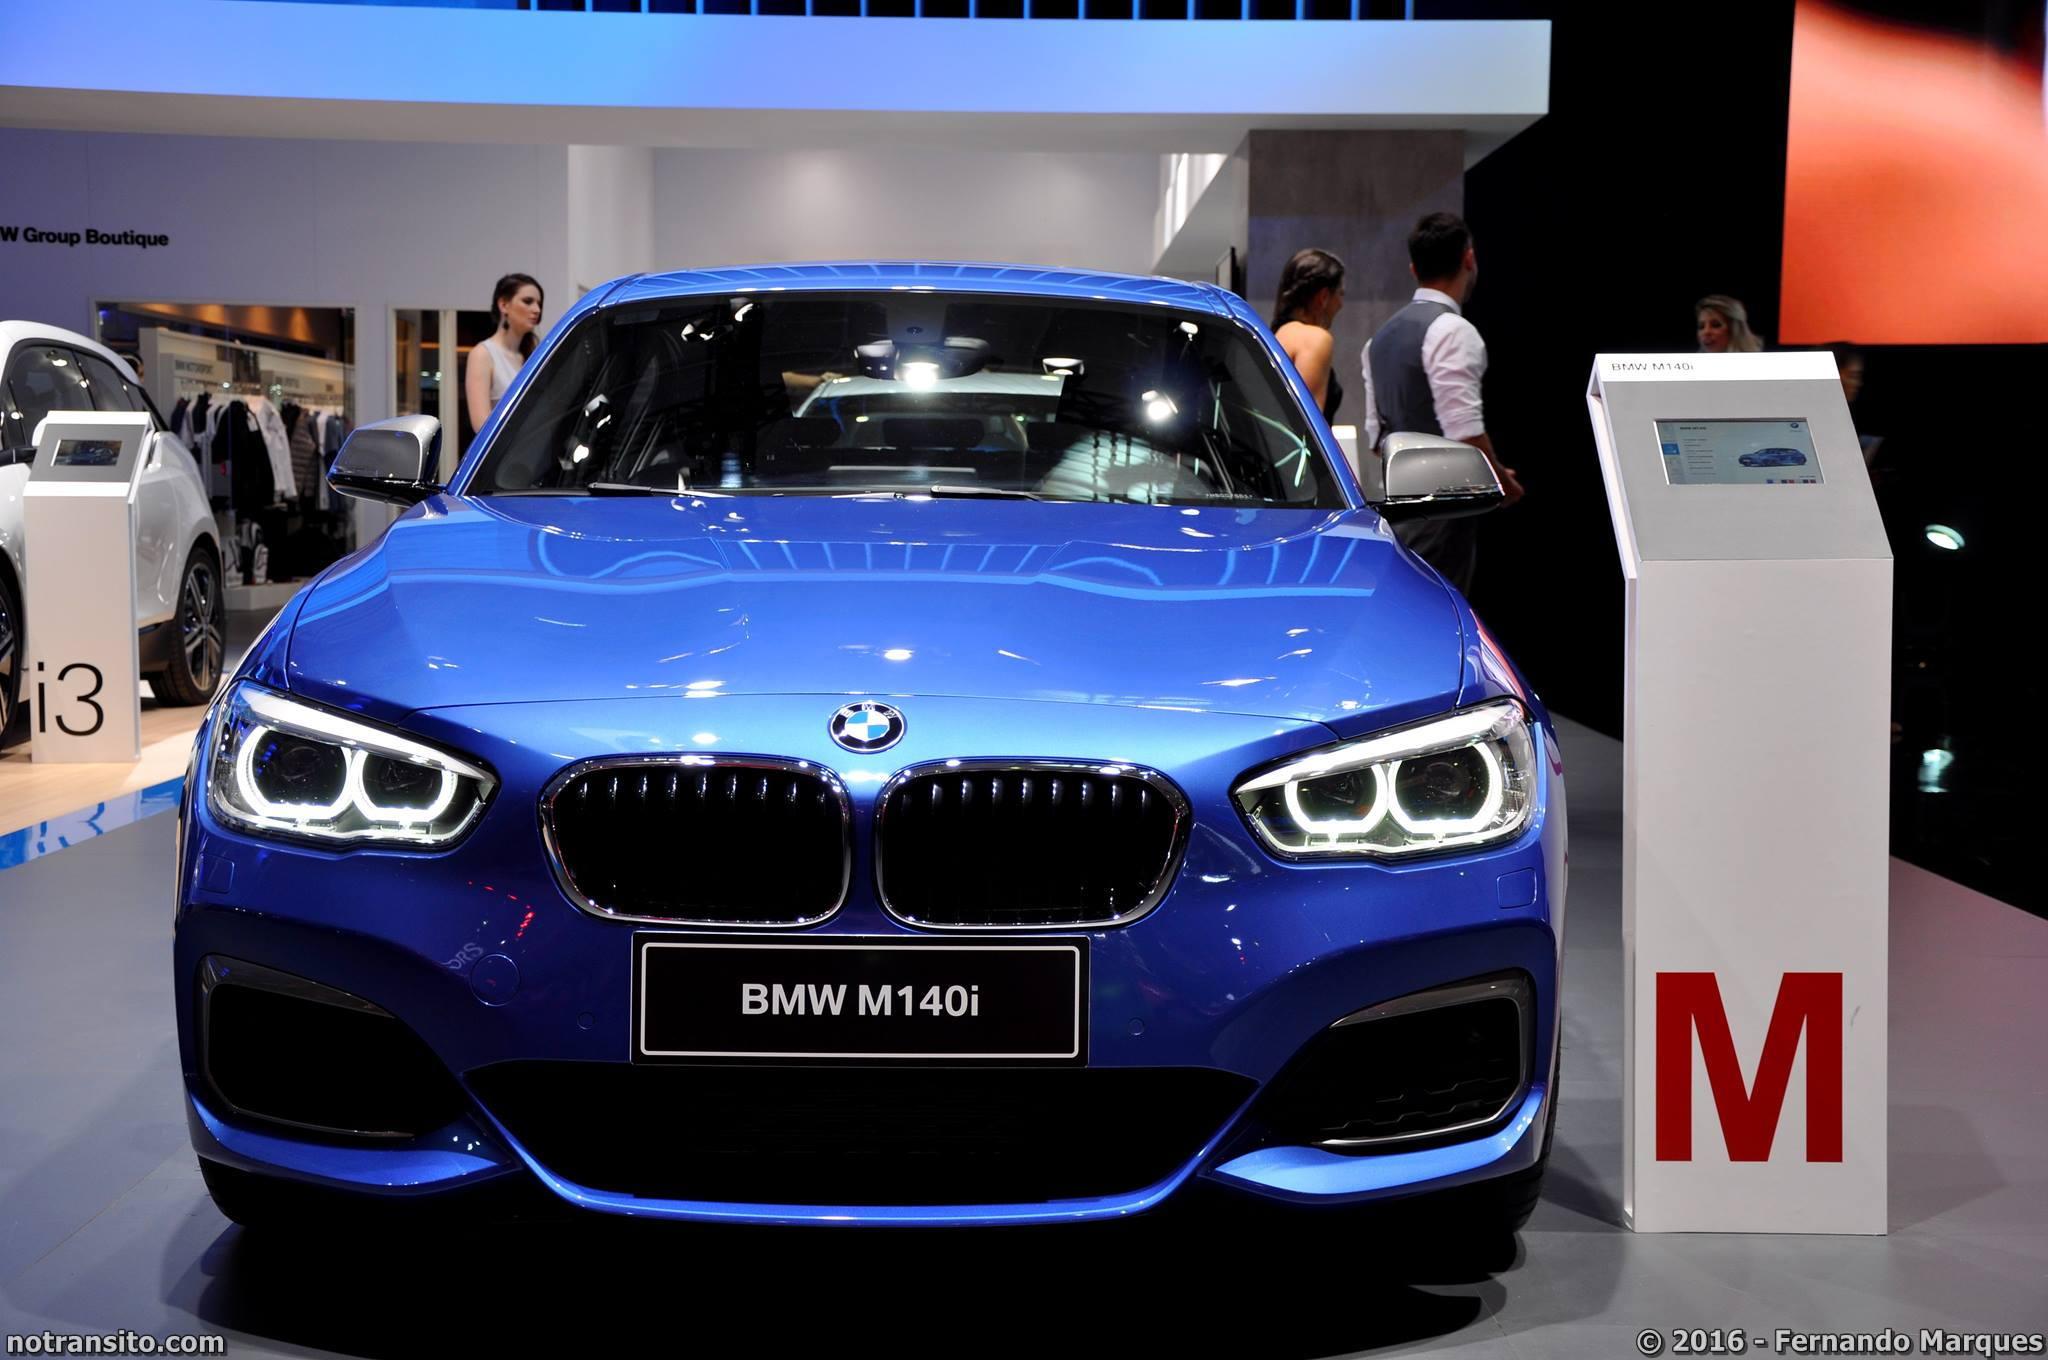 Um dos lançamentos da marca para este Salão do Automóvel foi o BMW M140i, o qual já publicamos uma matéria durante a cobertura do evento.